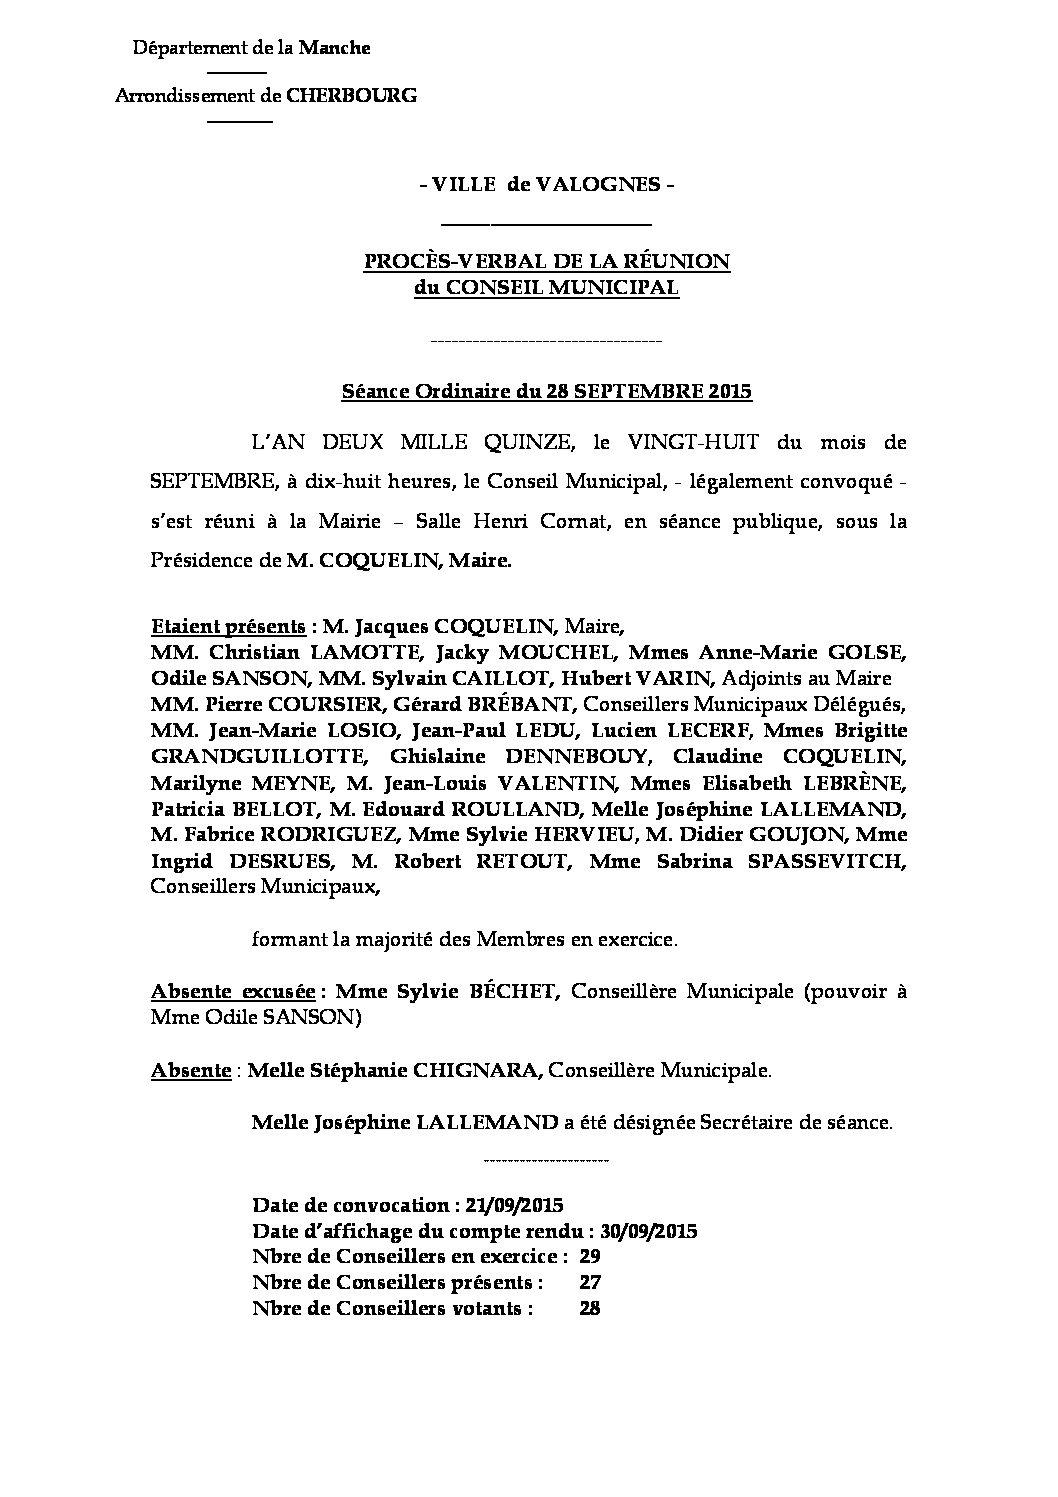 Procès-verbal du 28-09-2015 - Procès-verbal de la réunion du Conseil Municipal du 28 septembre 2015, approuvé lors de la séance du 30 novembre 2015